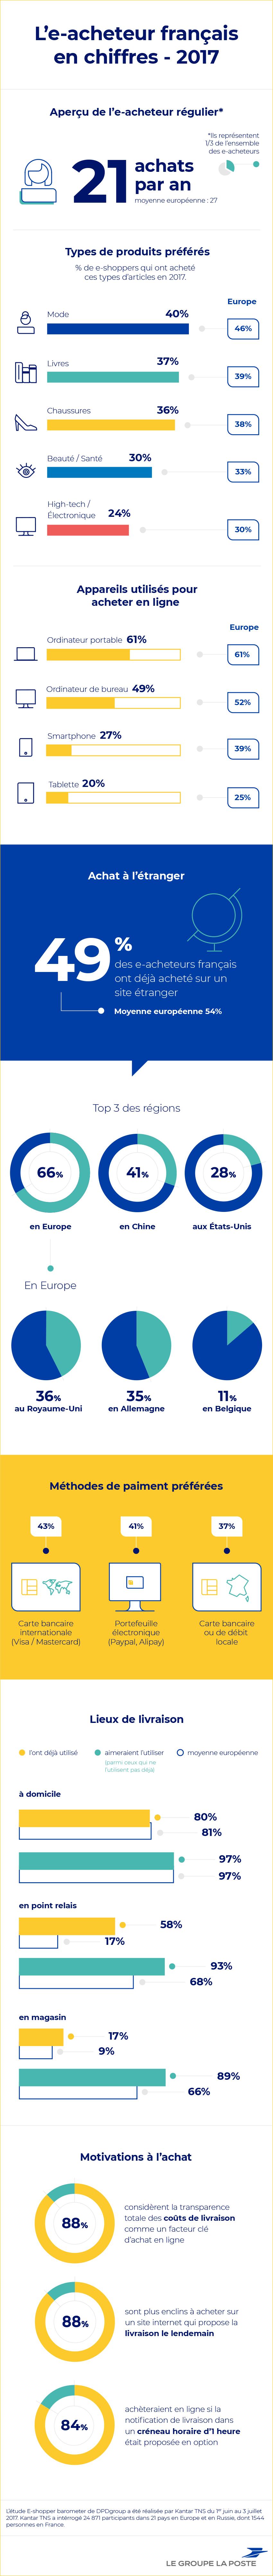 Infographie : les comportements d'achat de l'e-acheteur français en 2017